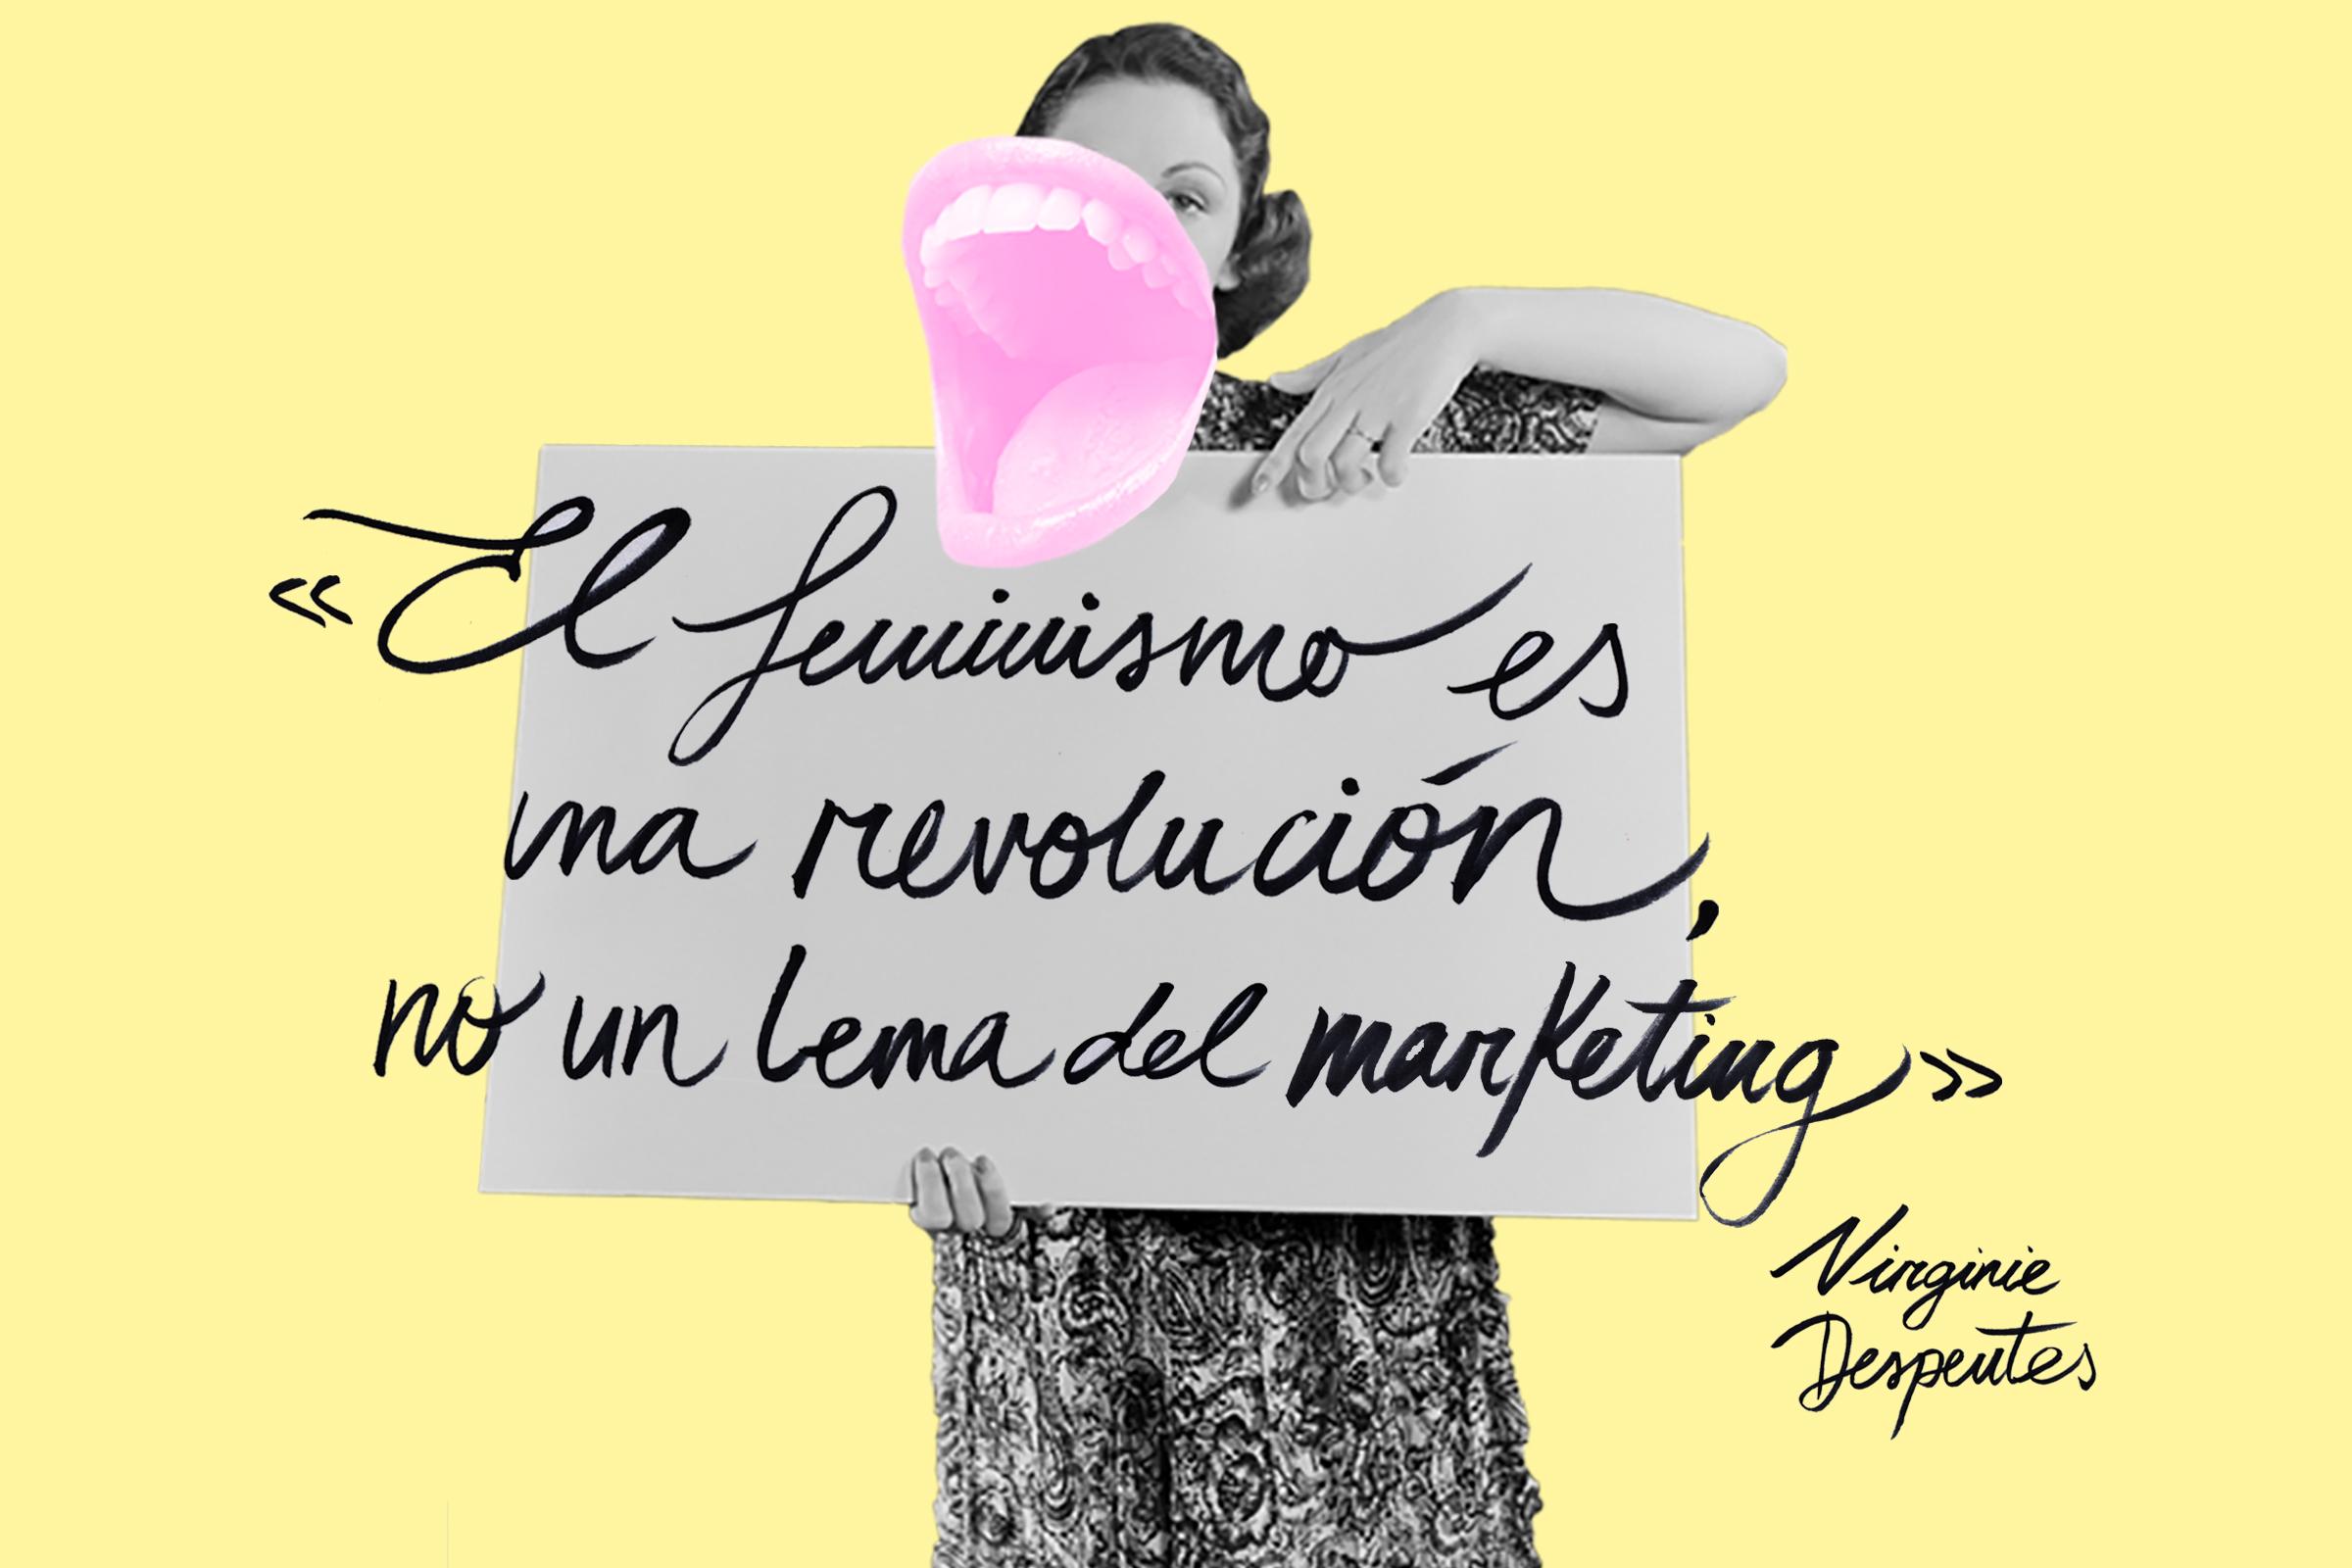 9 Pancartas Con Frases De Feministas Ilustres Para La Huelga Del 8